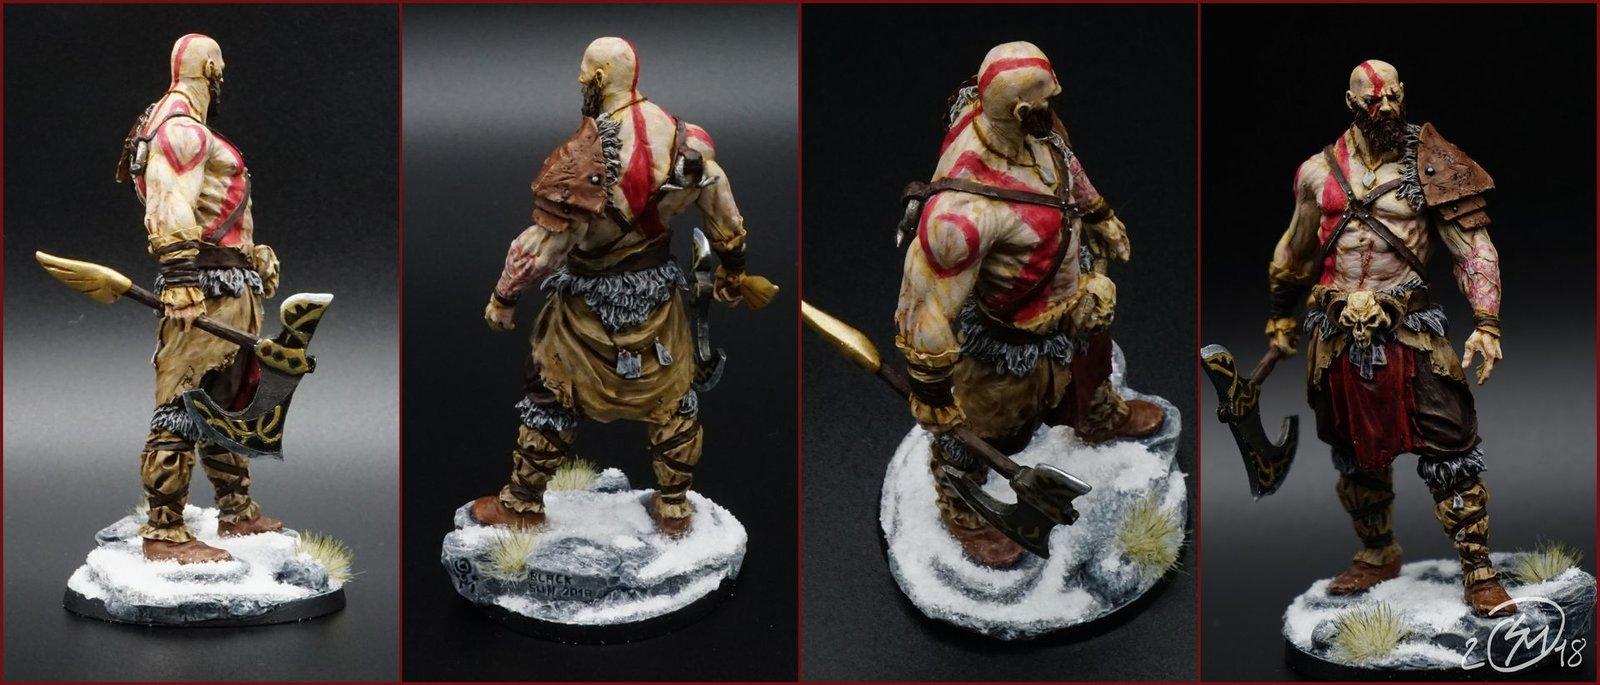 Et voilà, après finition et décoration du socle. Kratos est fin prêt pour le Ragnarök :)